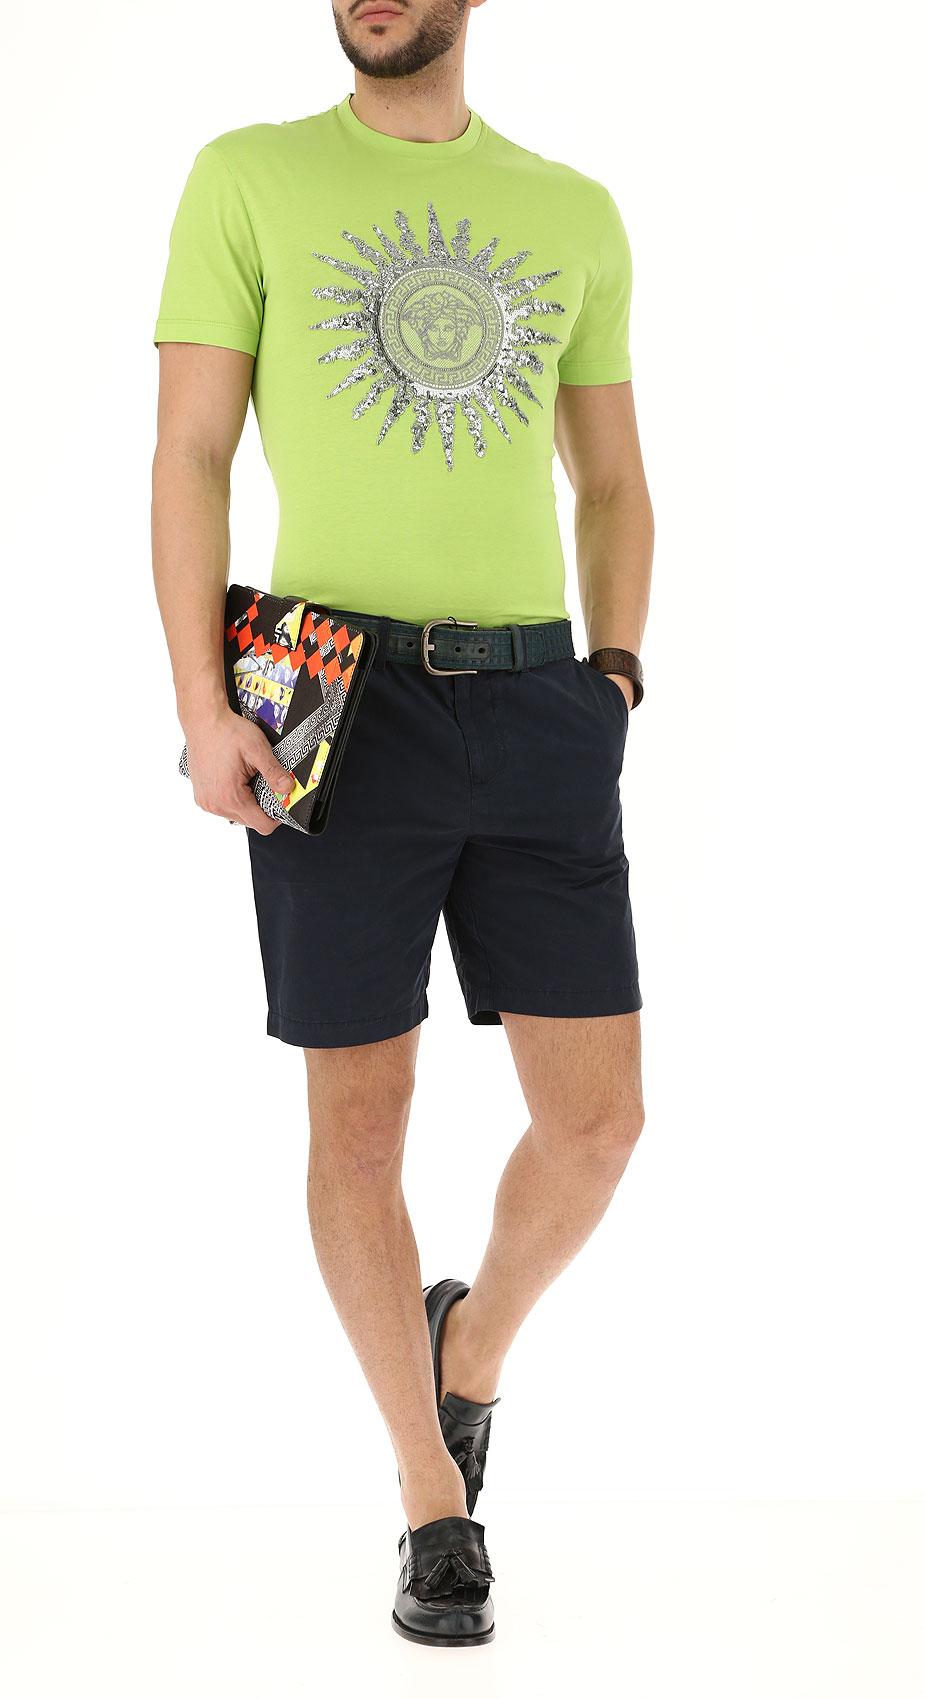 Abbigliamento Uomo Burberry Codice Articolo 3932909-40990-